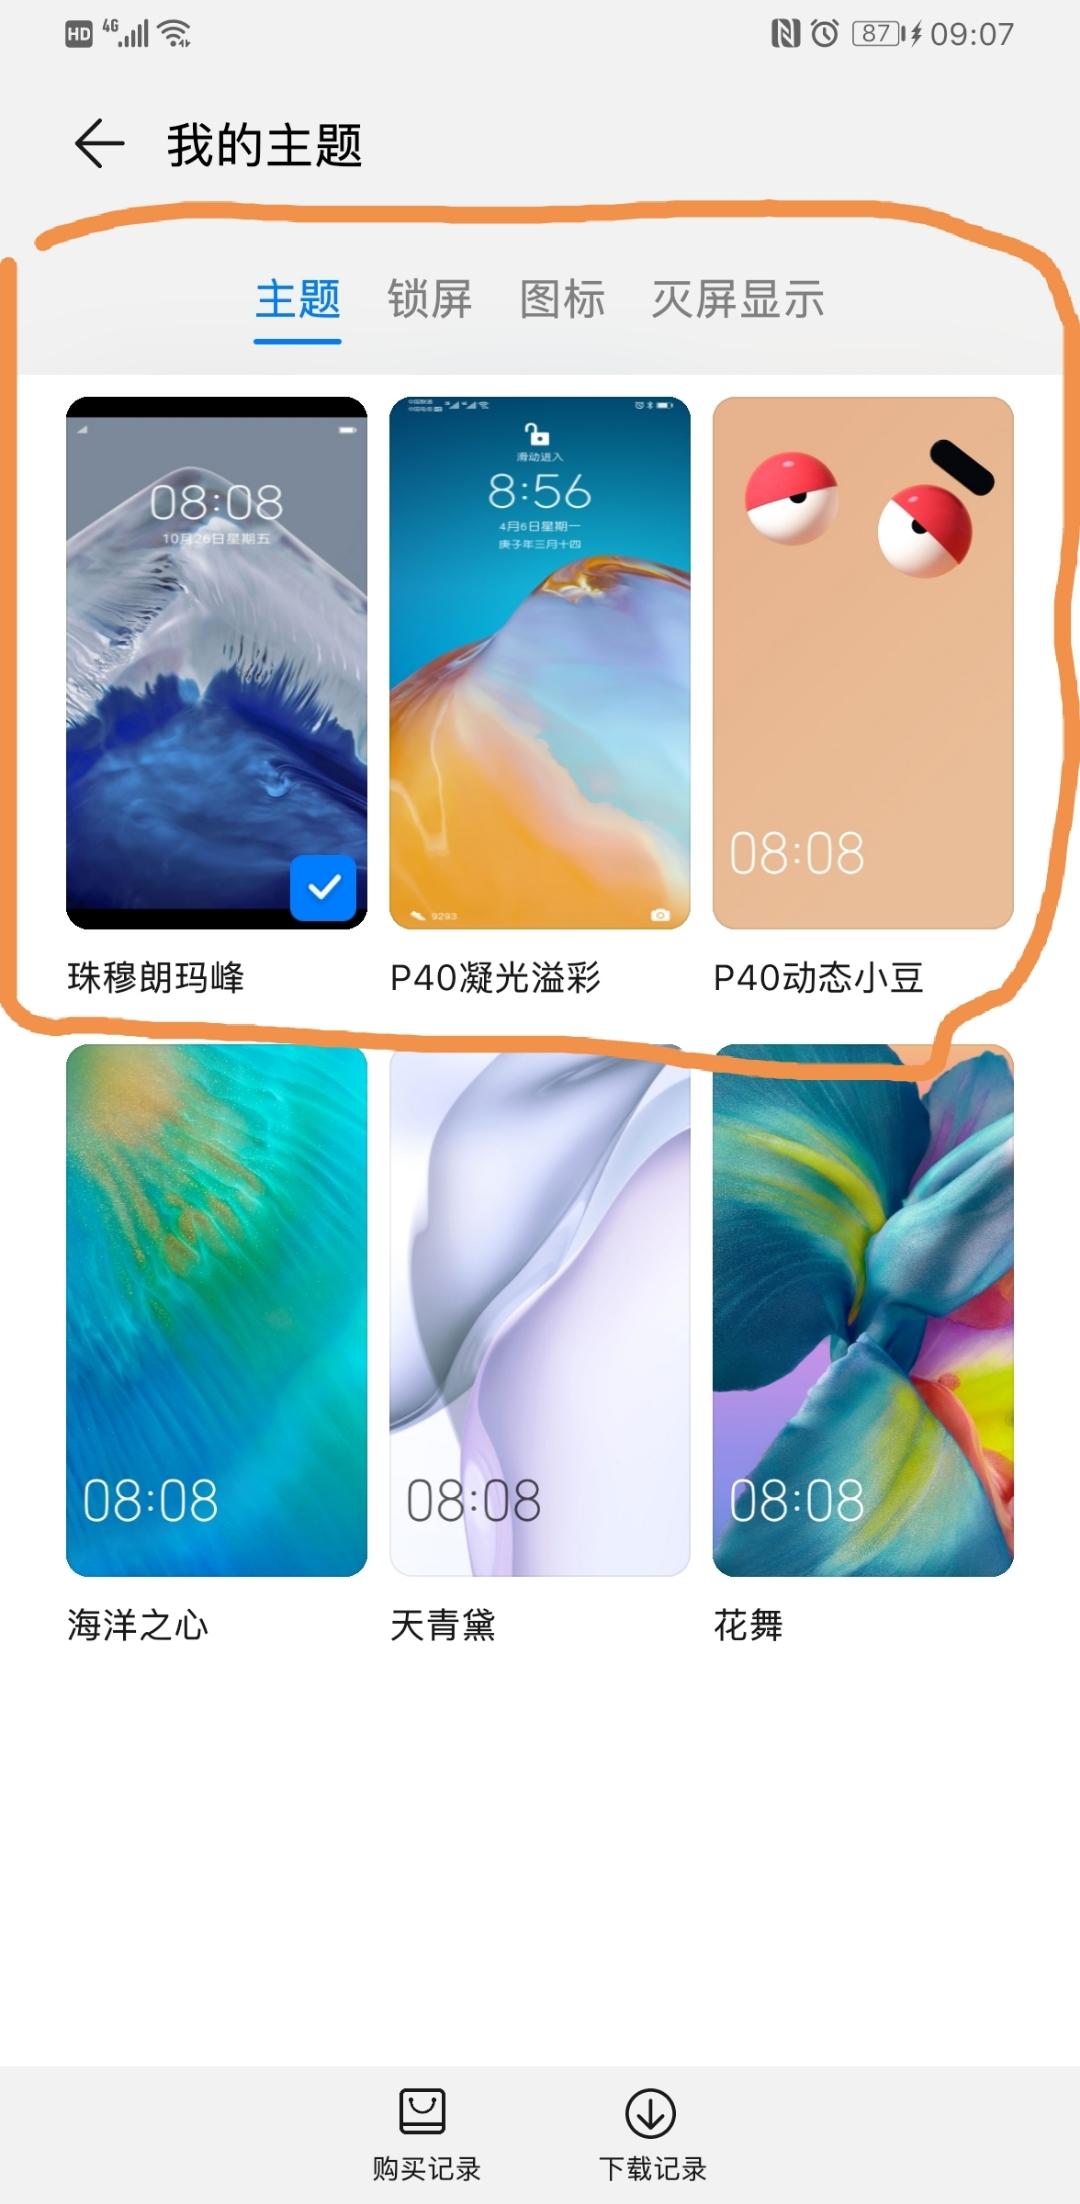 Screenshot_20200514_090816.jpg